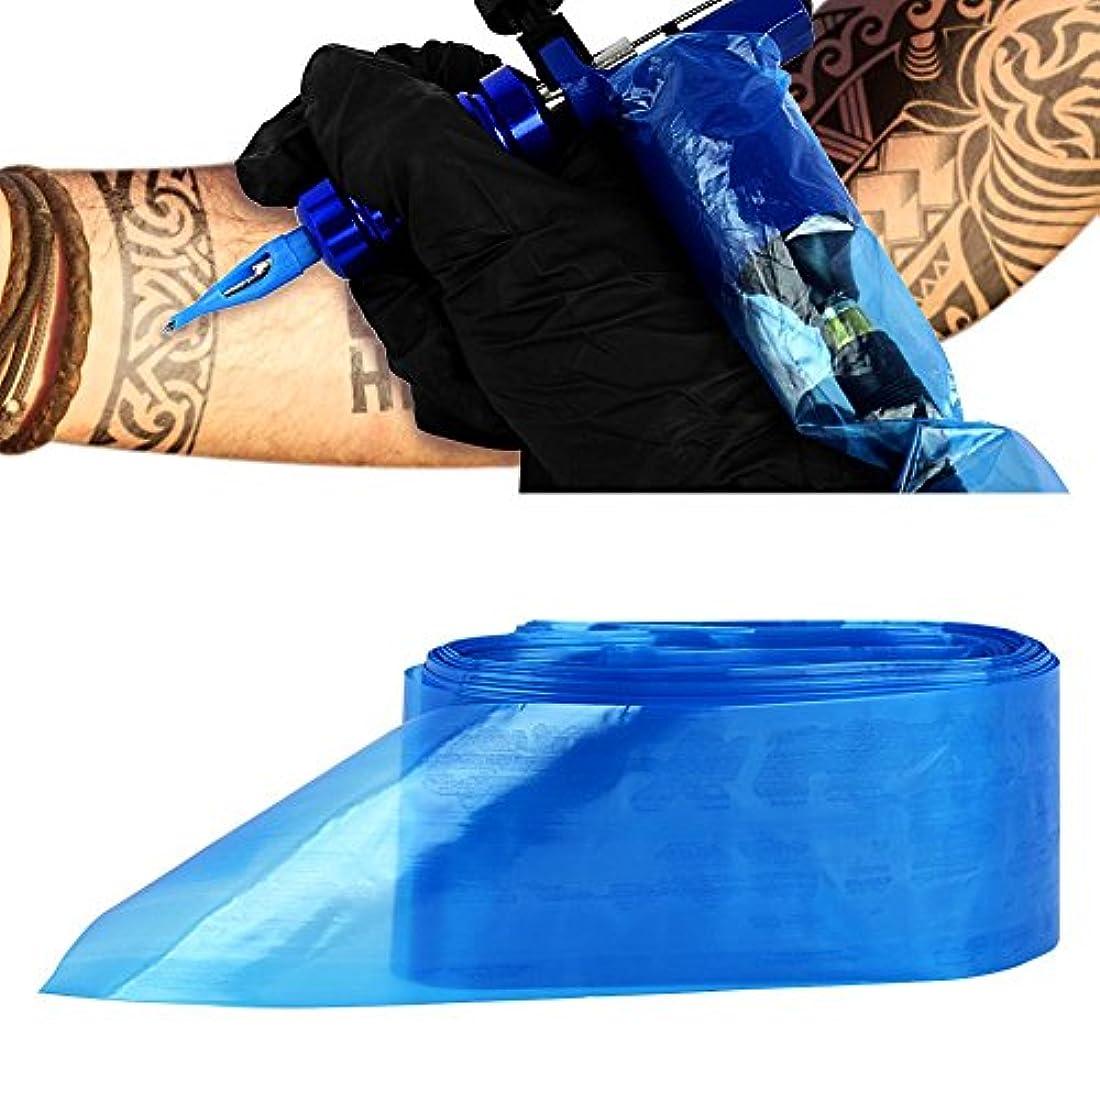 次感情の鮫ATOMUS タトゥークリップカバー バッグ タトゥ コード スリーブバッグ タトゥーマシンのため 使い捨て ブルー 100PCS